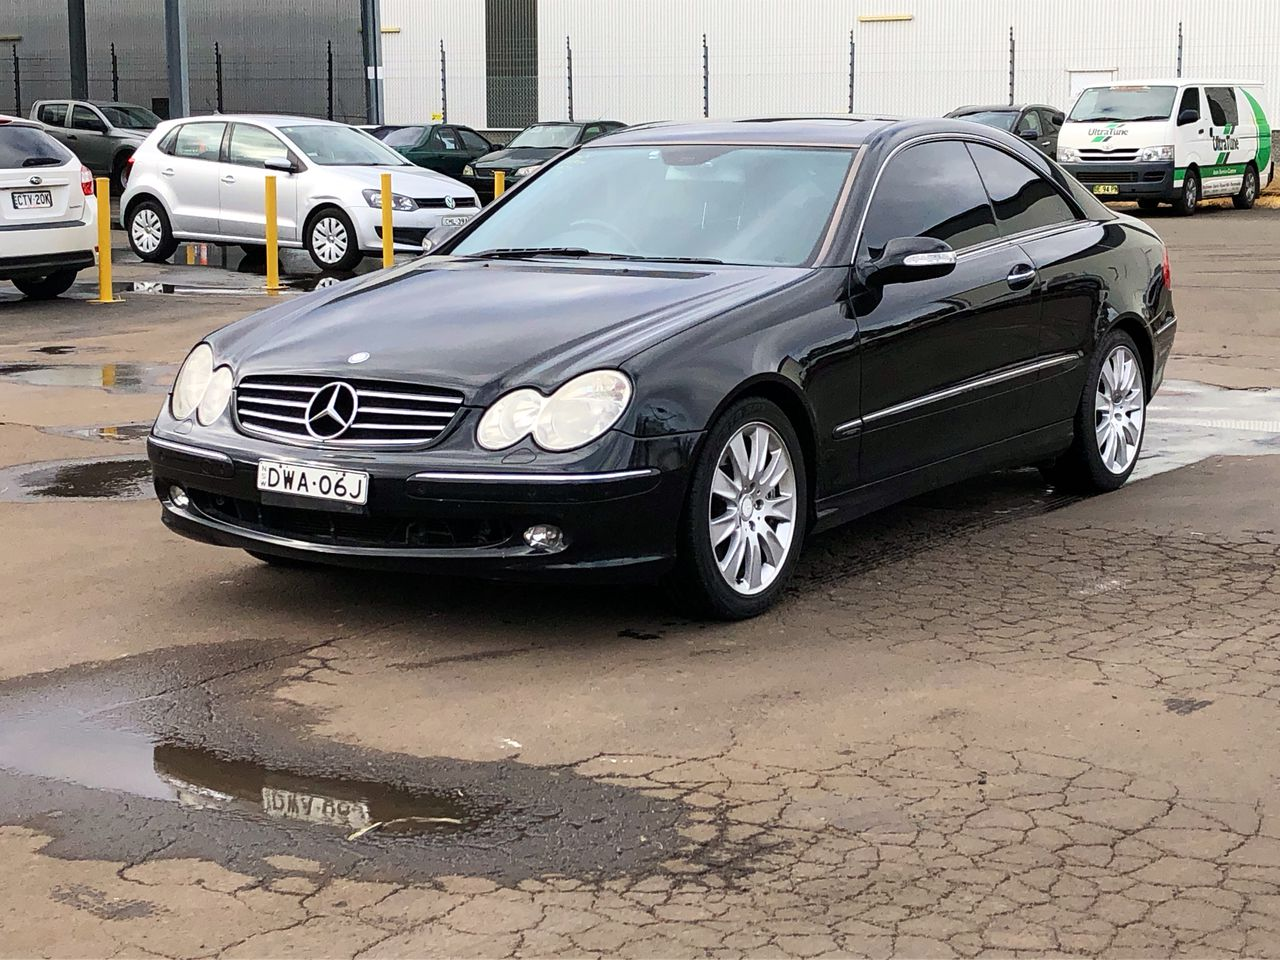 2004 Mercedes Benz CLK500 Avantgarde C209 Automatic Coupe (WOVR)